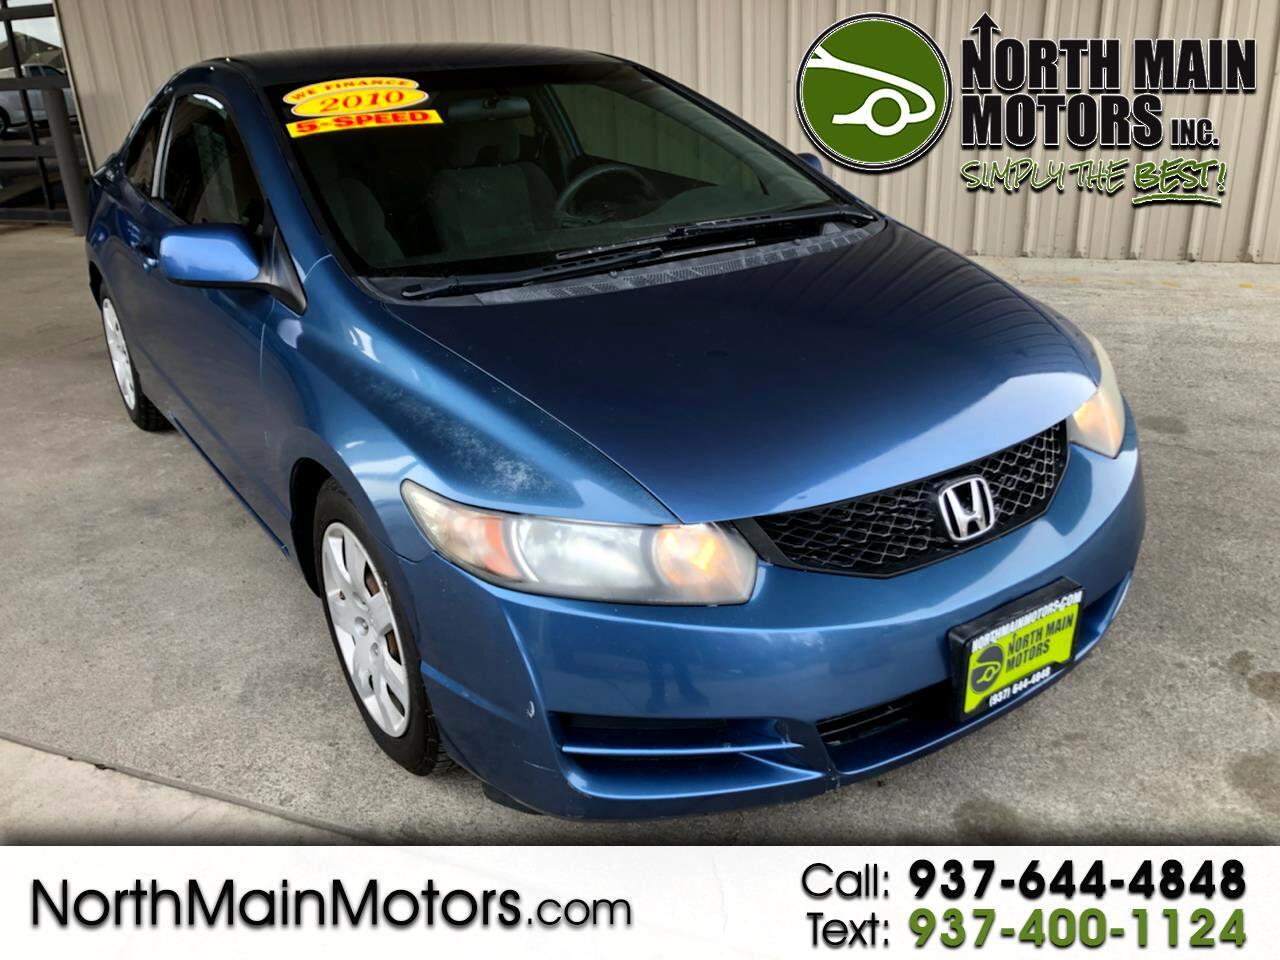 Honda Civic Cpe 2dr Man LX 2010